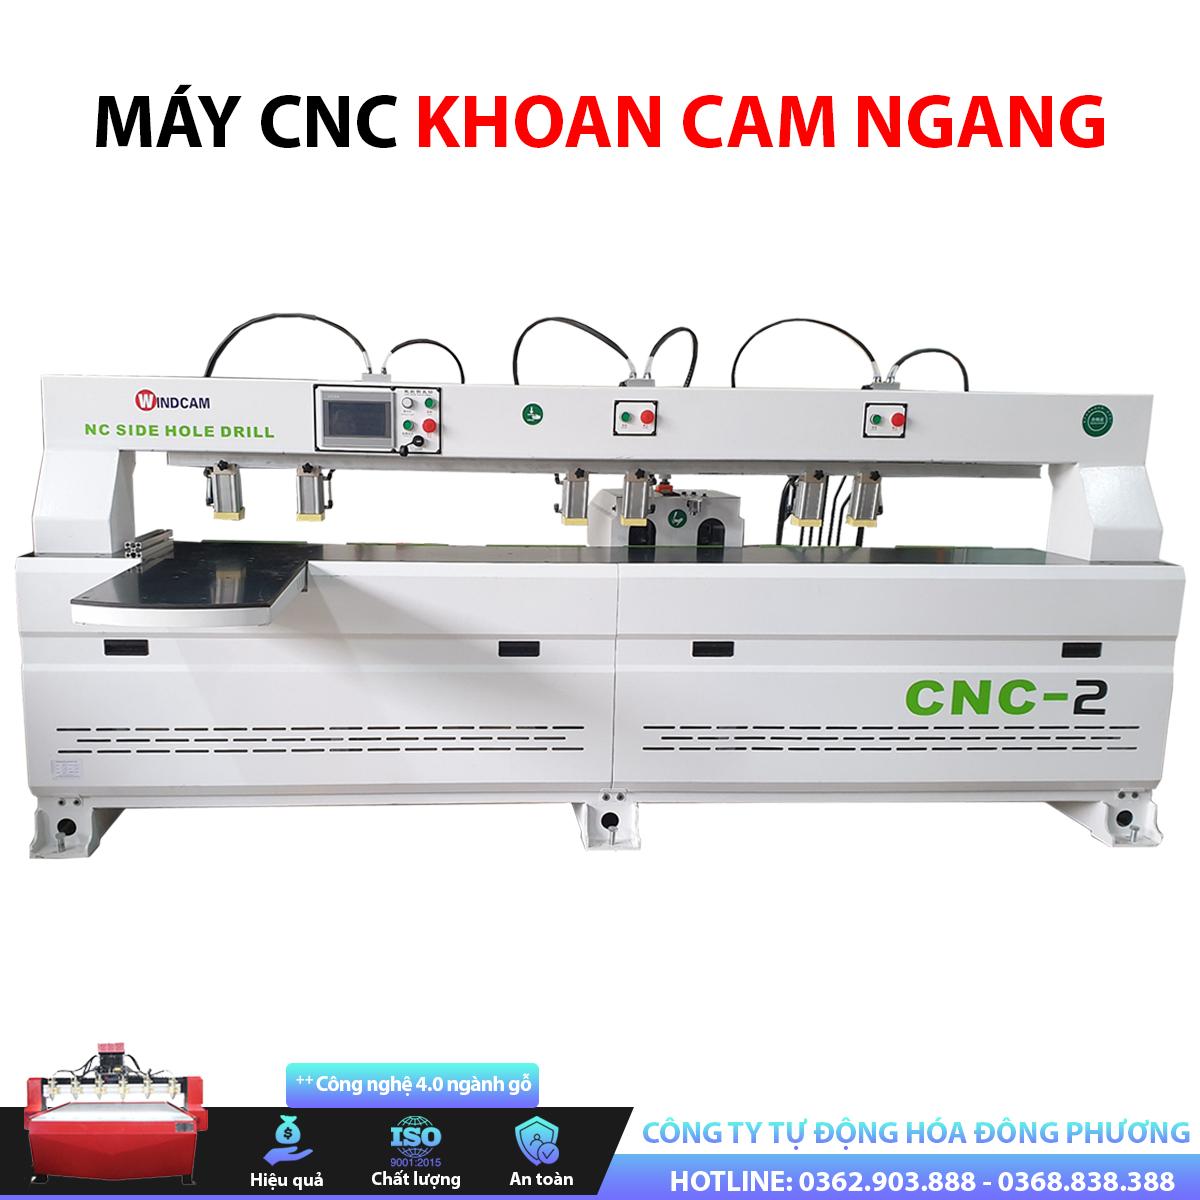 Máy CNC khoan cam ngang 2 đầu